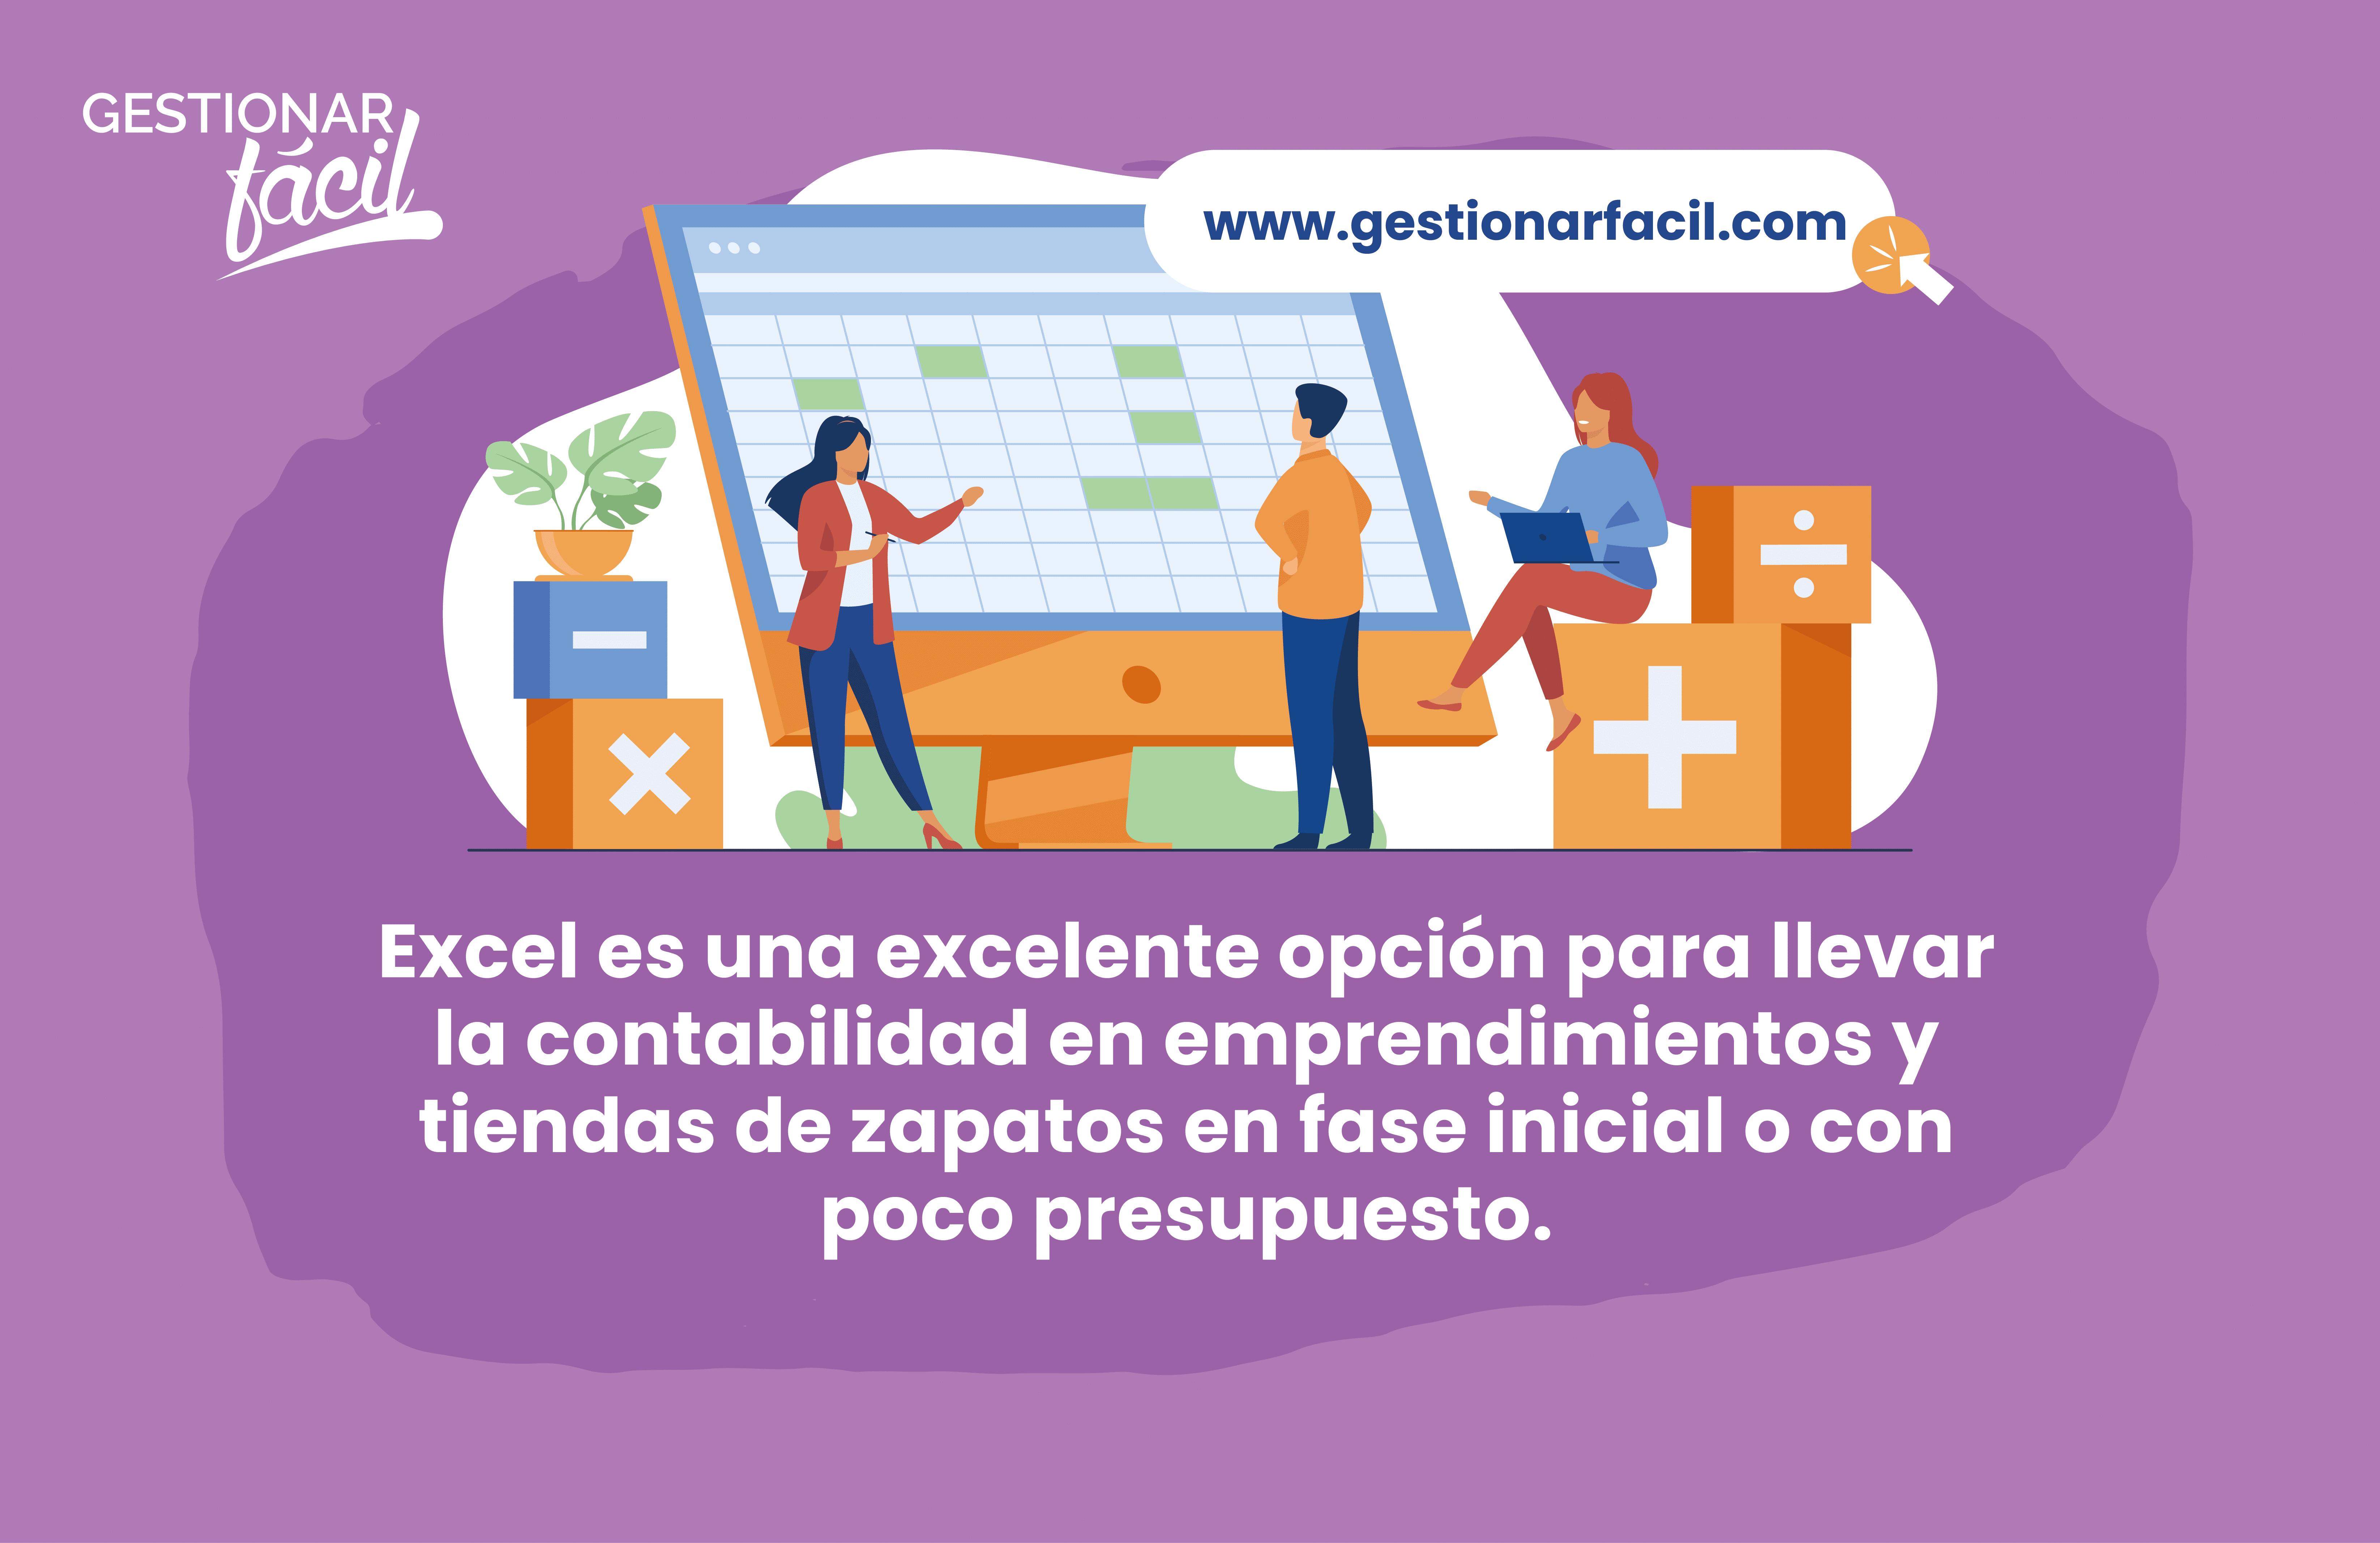 Excel es una excelente opción para llevar la contabilidad en emprendimientos y tiendas de zapatos en fase inicial o con poco presupuesto.